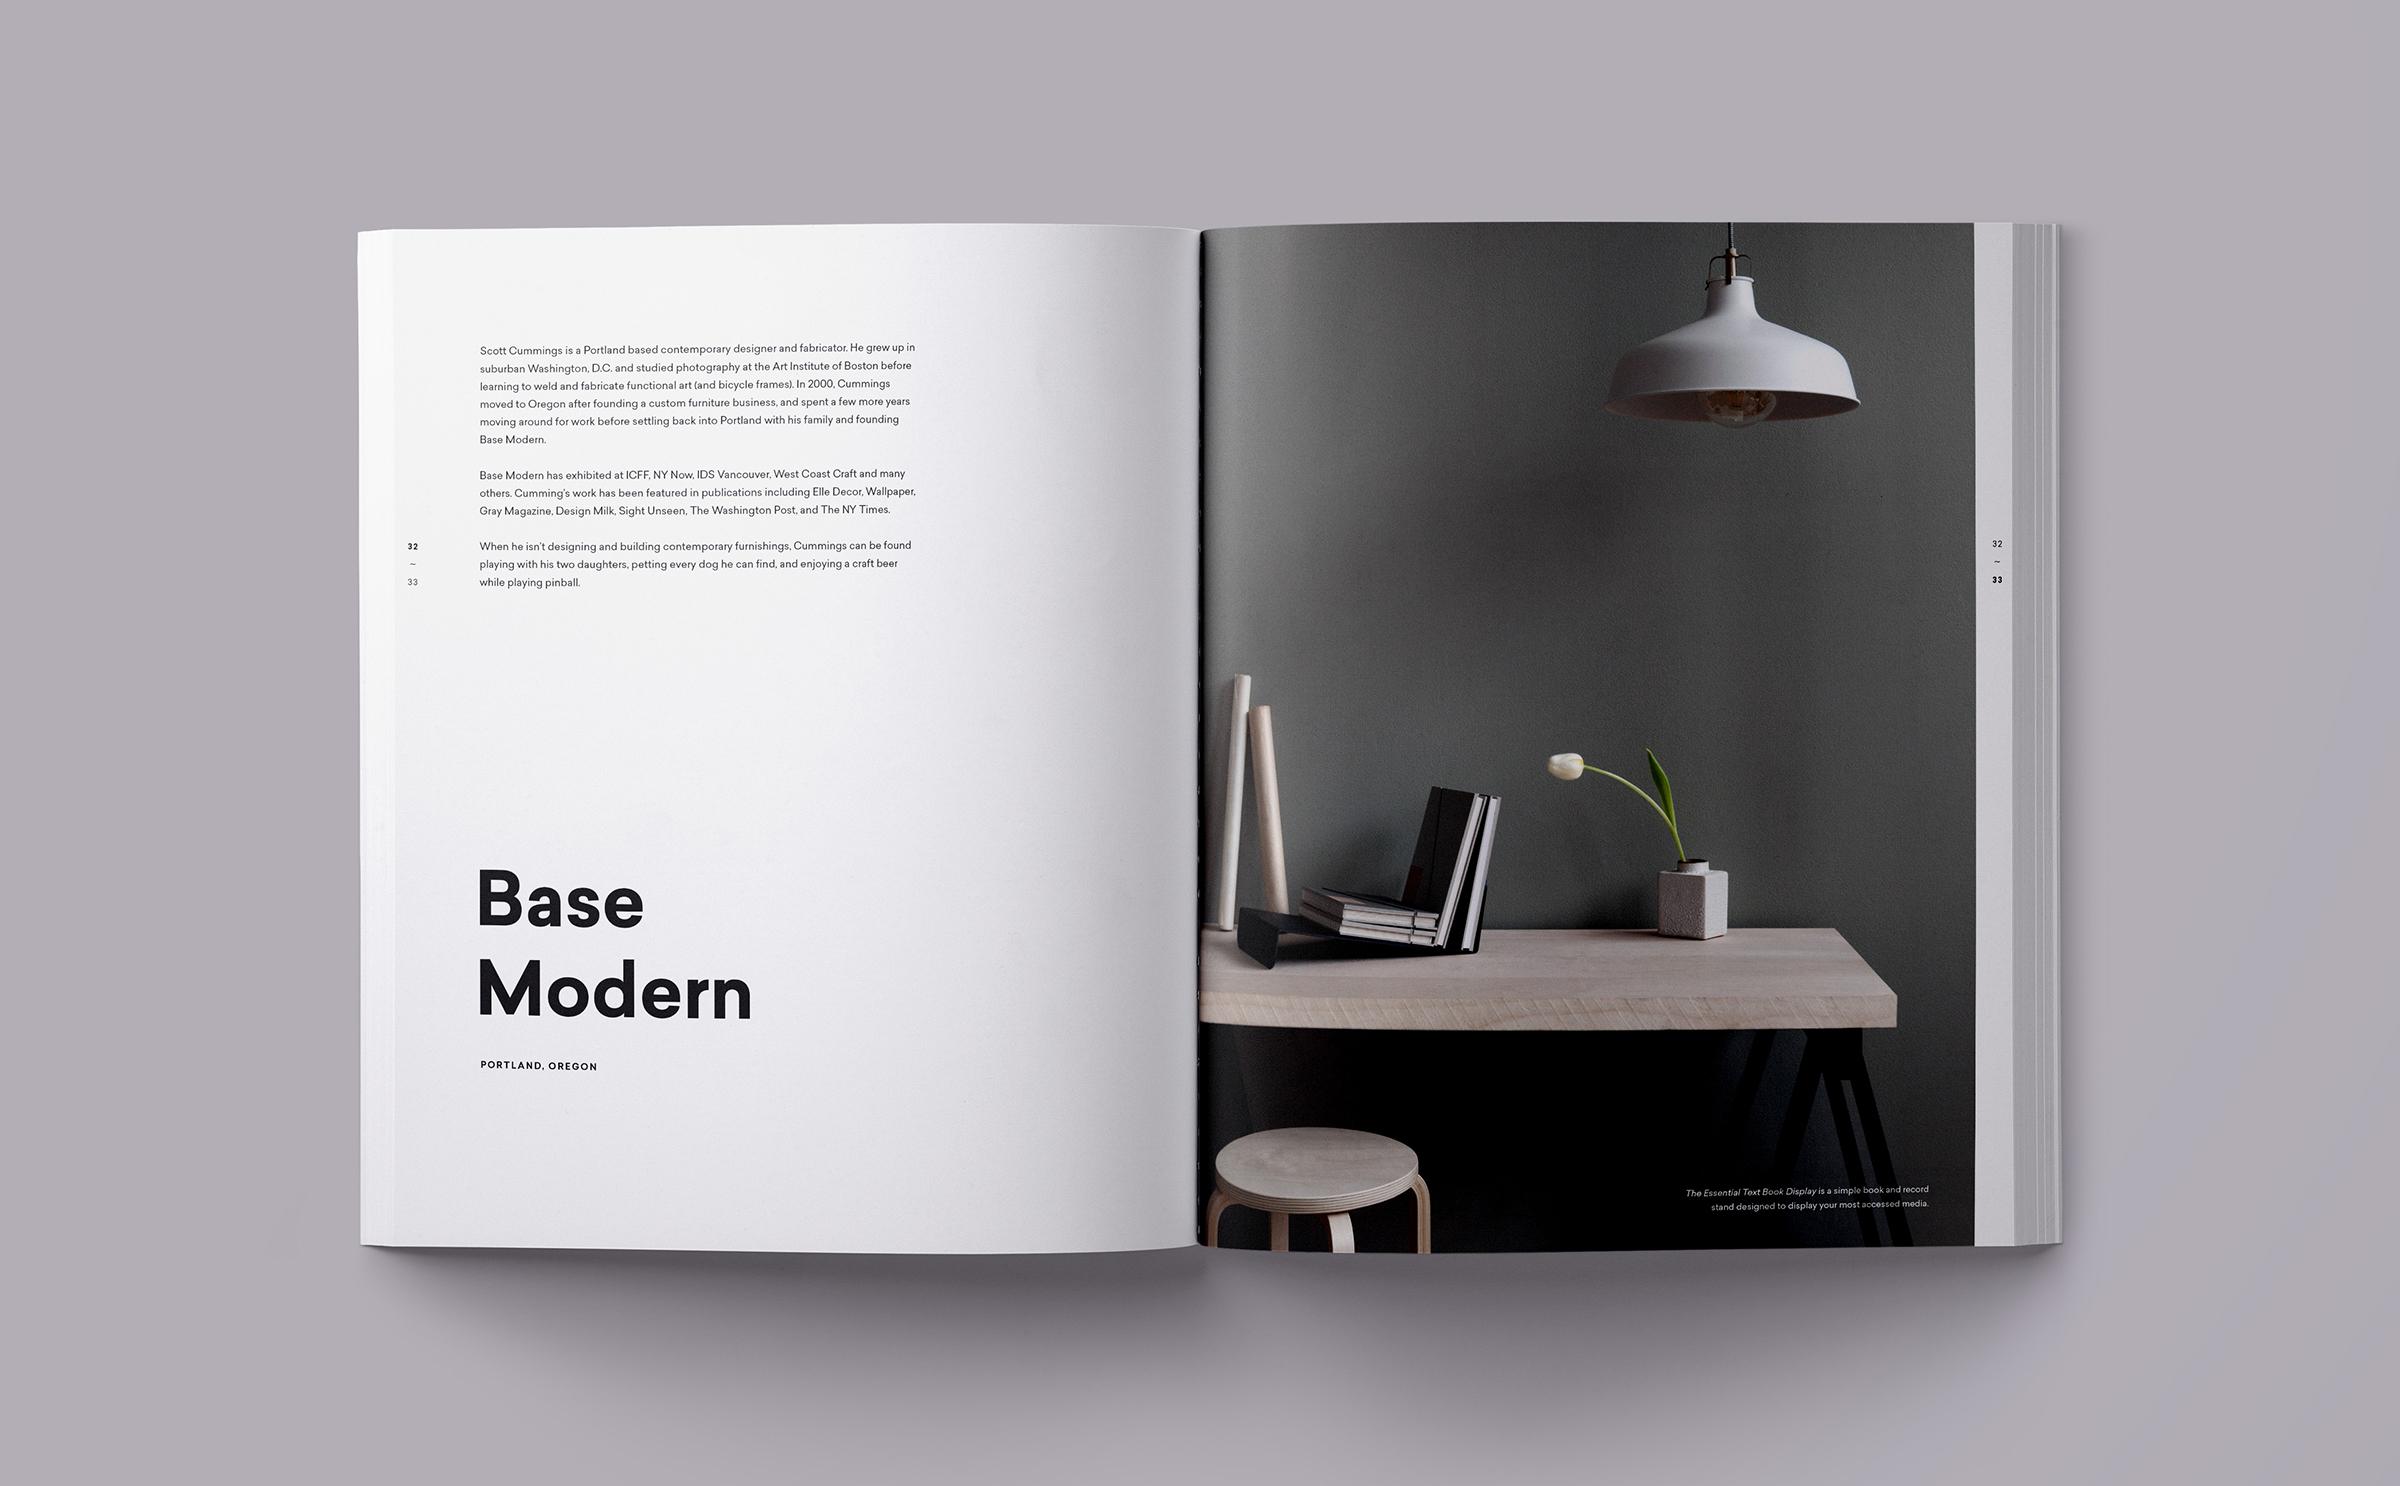 Currents_Pacific-Northwest-Design_IDS_book_daniel-zachrisson_5.jpg